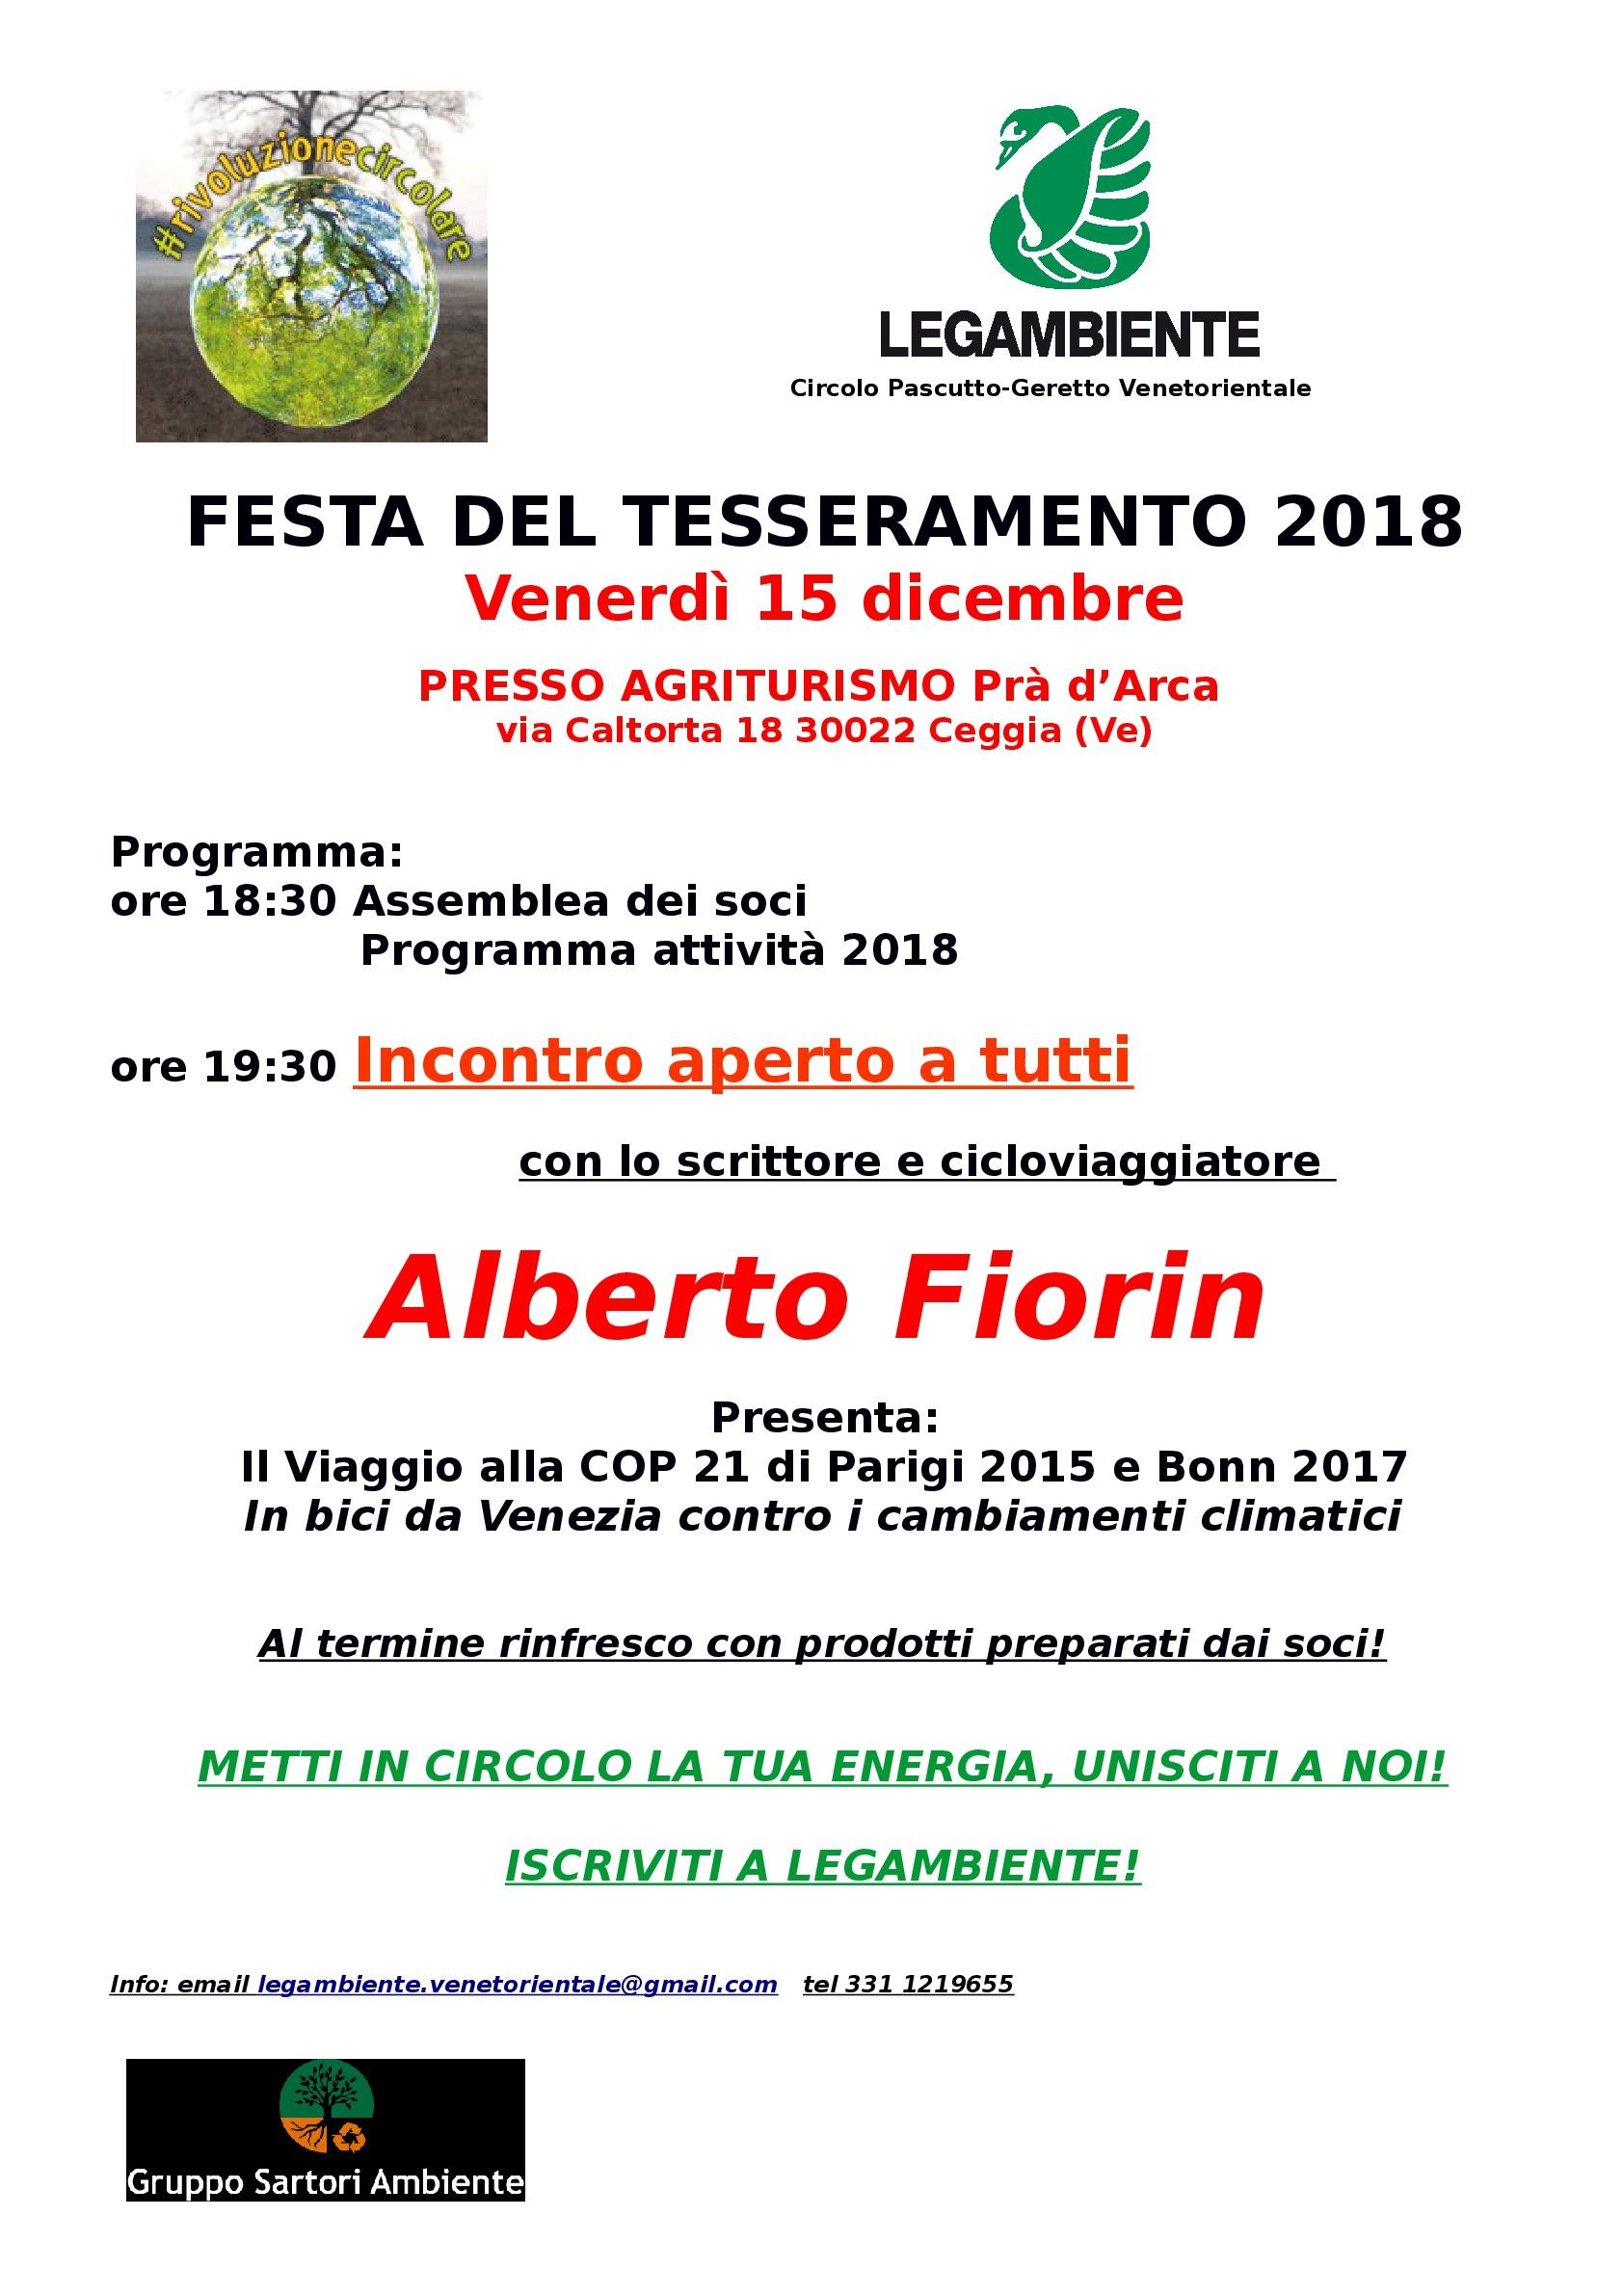 fiorin-001